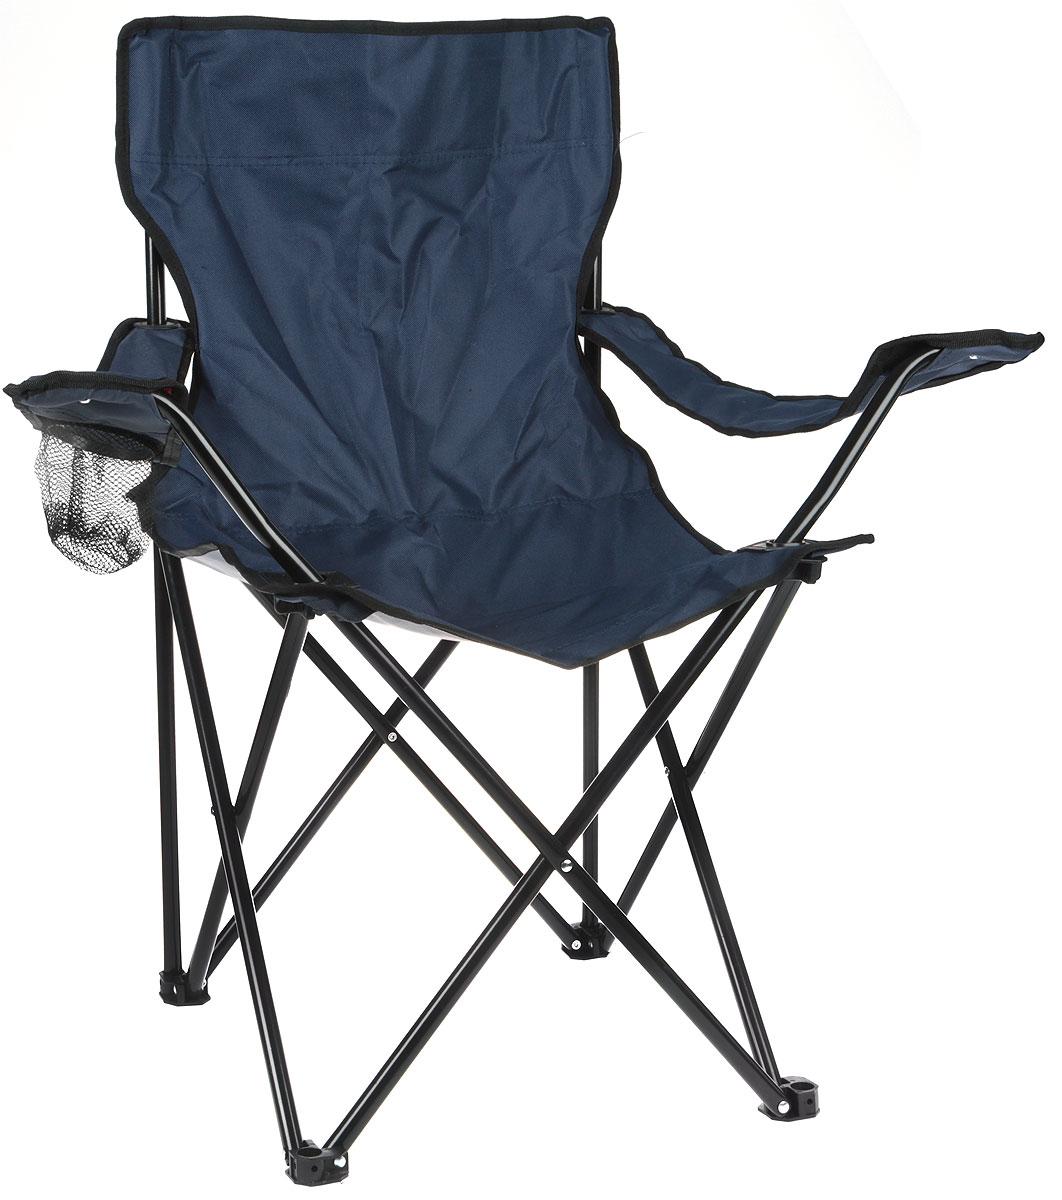 Кресло складное Wildman, с подлокотником, цвет: темно-синий, 77 х 50 х 80 см81-446_темно-синийНа складном кресле Wildman можно удобно расположиться в тени деревьев,отдохнуть в приятной прохладелетнего вечера.В использовании такое креслодостойно самых лучших похвал. Кресло выполнено из прочной ткани оксфорд,каркас стальной. Кресло оснащено удобными подлокотниками, в одном из нихрасположен подстаканник. В сложенном виде кресло удобно для хранения ипереноски. В комплекте чехол для переноски и хранения.